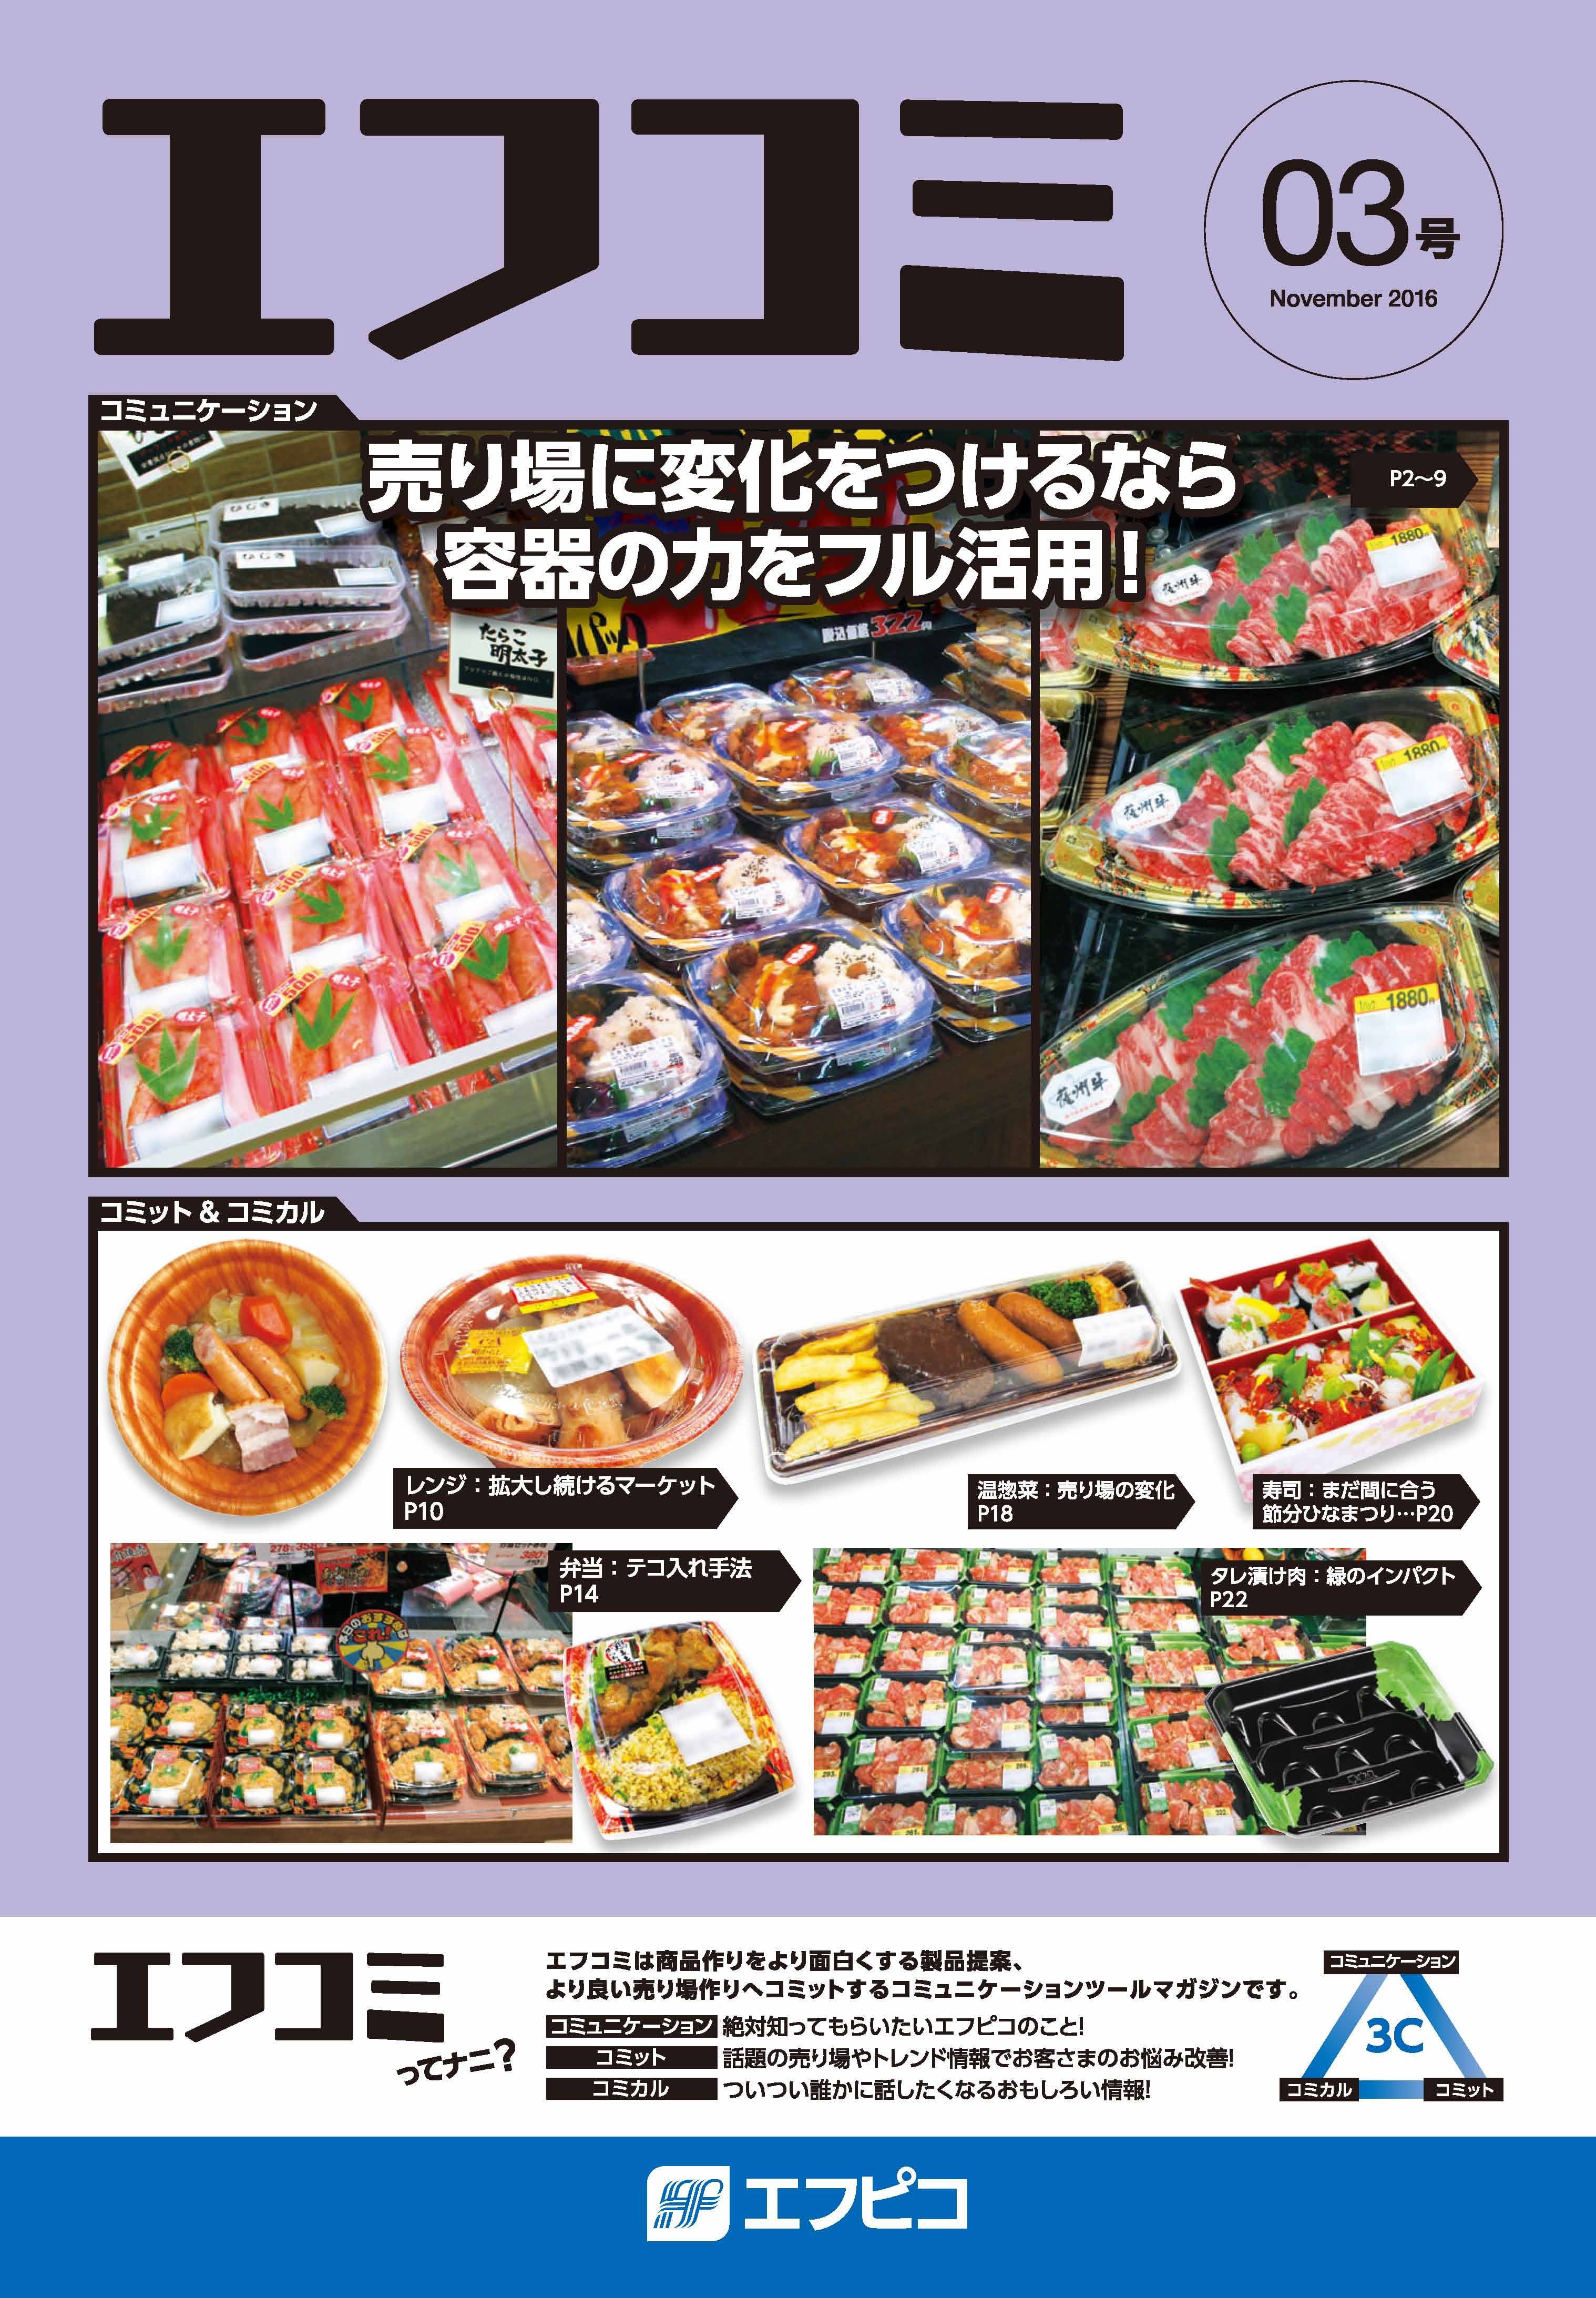 【製品カタログ】エフコミ3号を掲載しました!